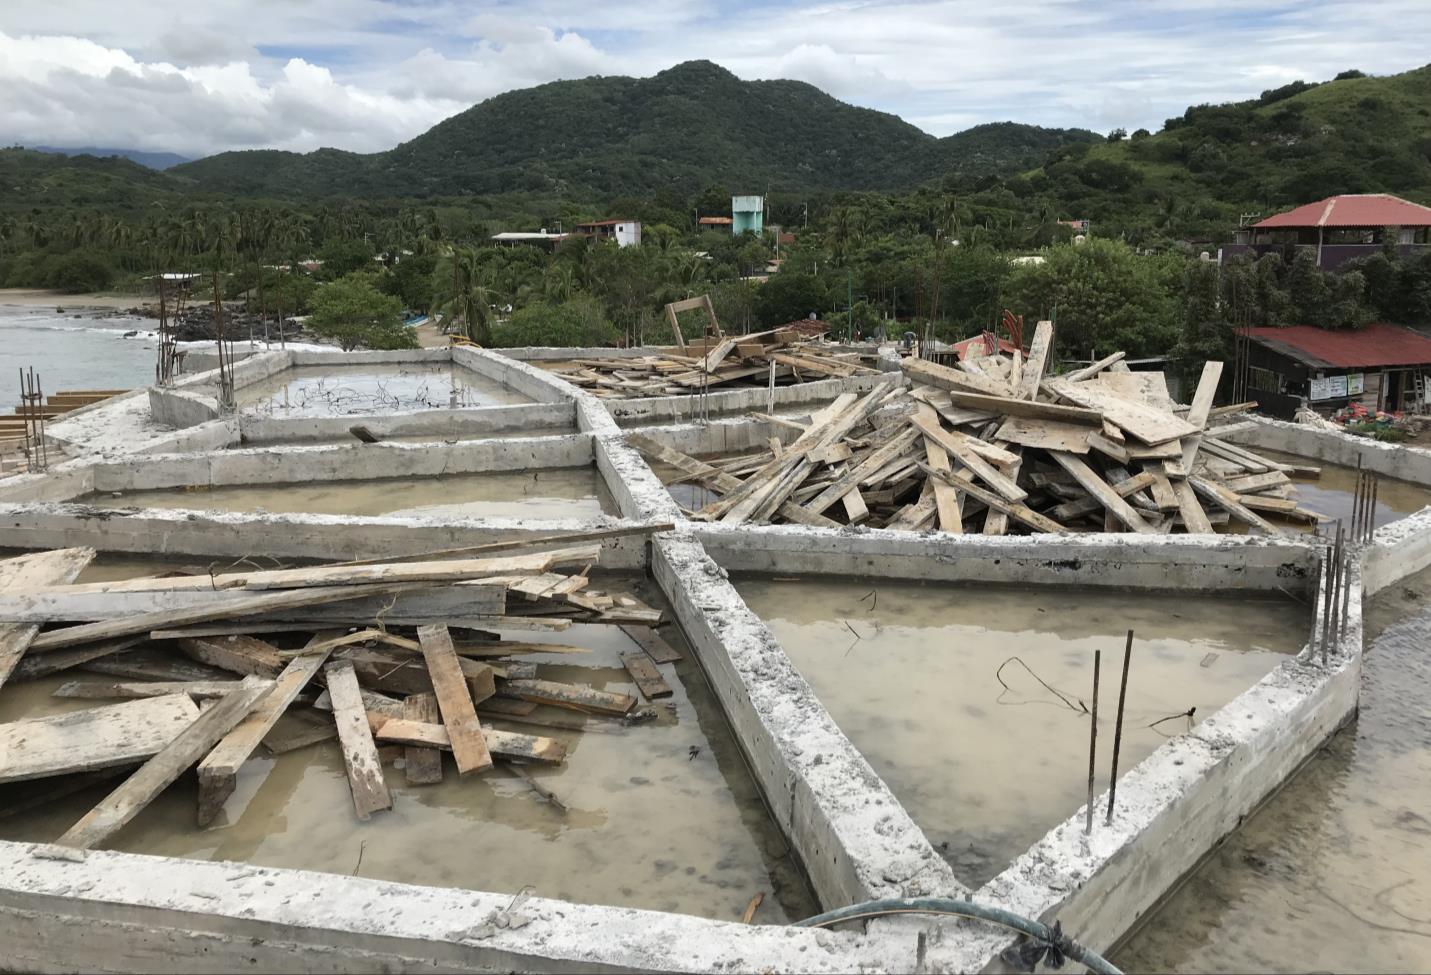 REPORTE-FOTOGRAFICO-PUNTA-MAJAHUA-20-DE-OCTUBRE-DEL-2018-029.jpg